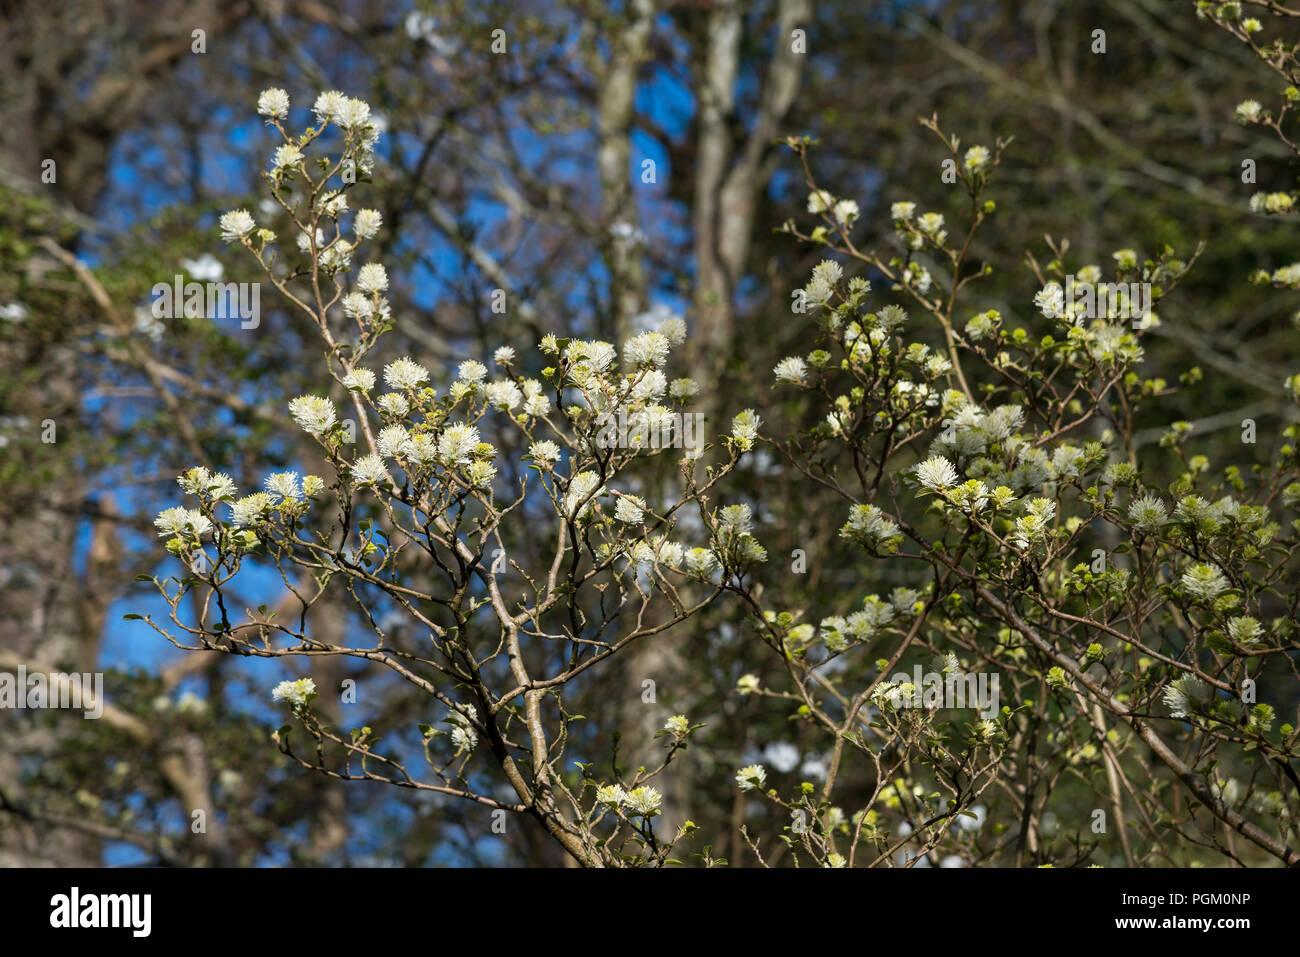 Fothergilla Major A Spring Flowering Shrub White Fluffy White